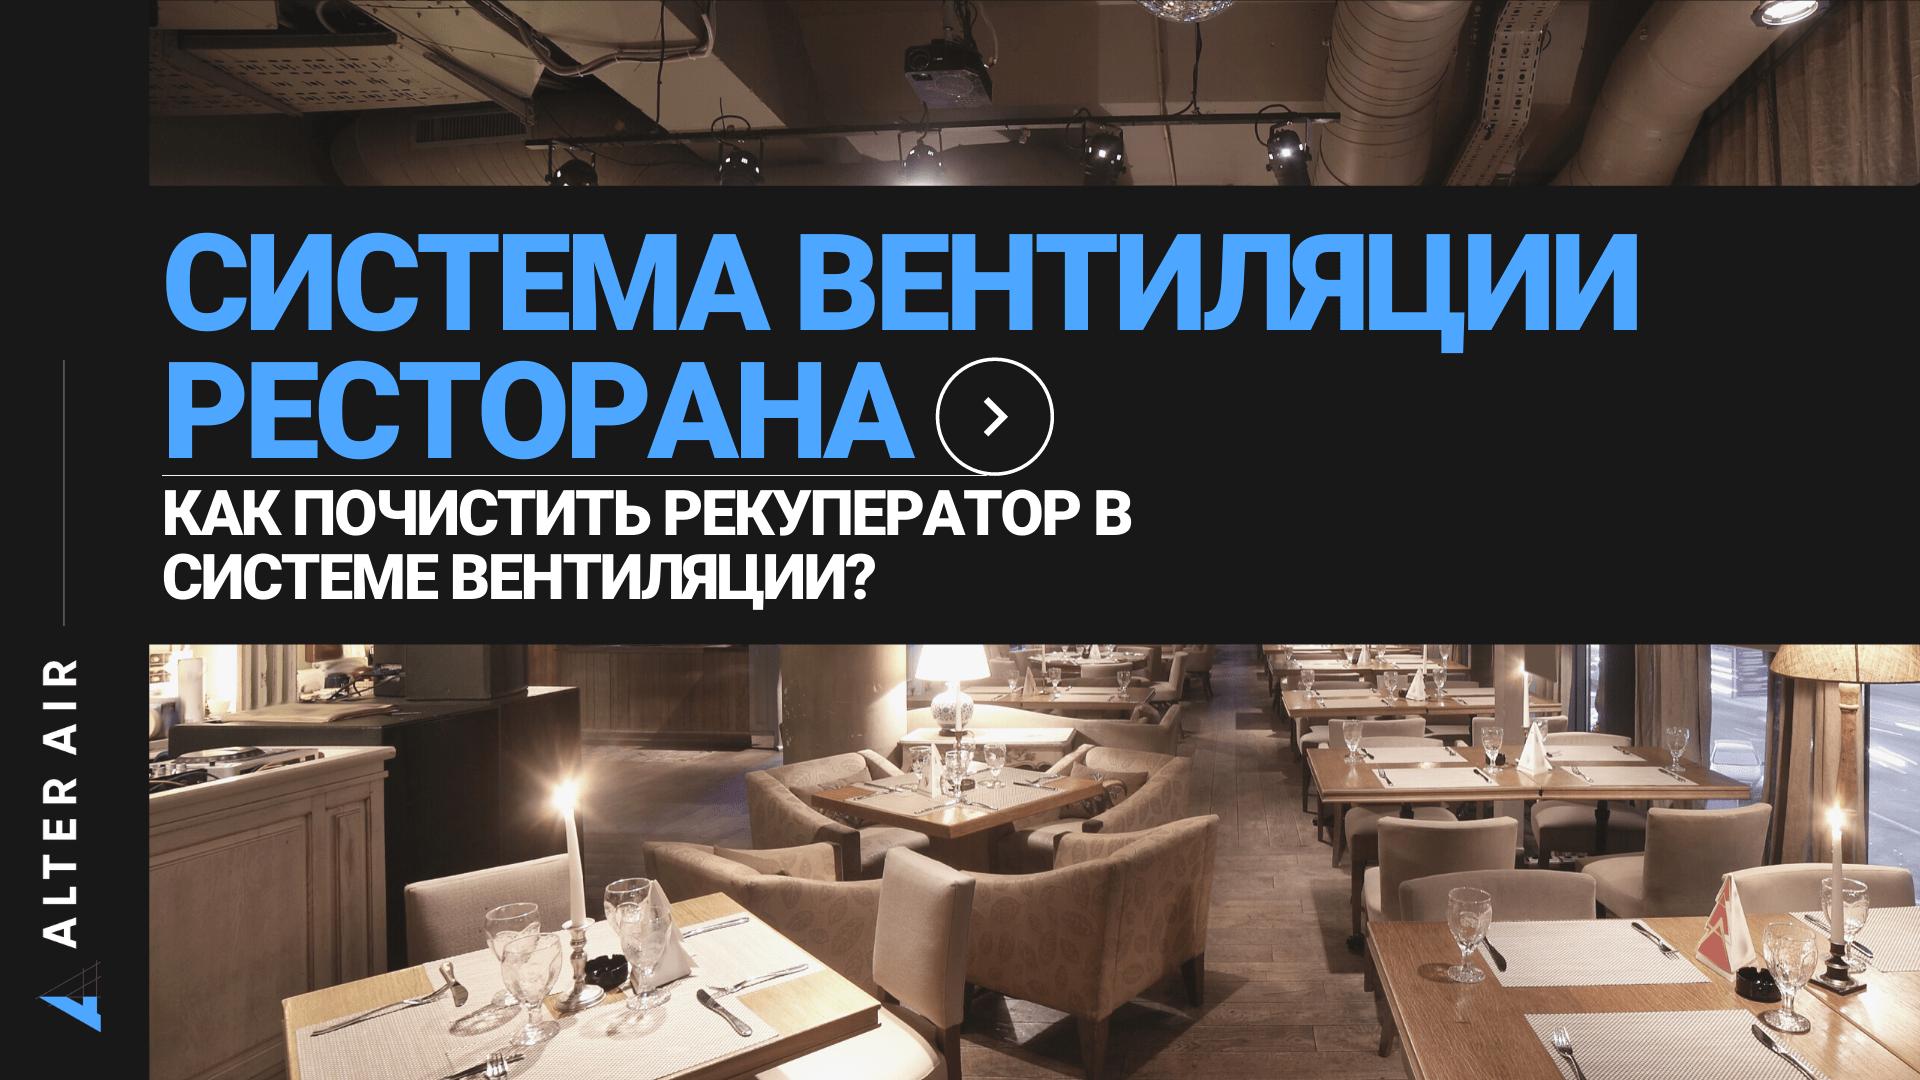 Система вентиляции ресторана: как почистить рекуператор в системе вентиляции ресторана?